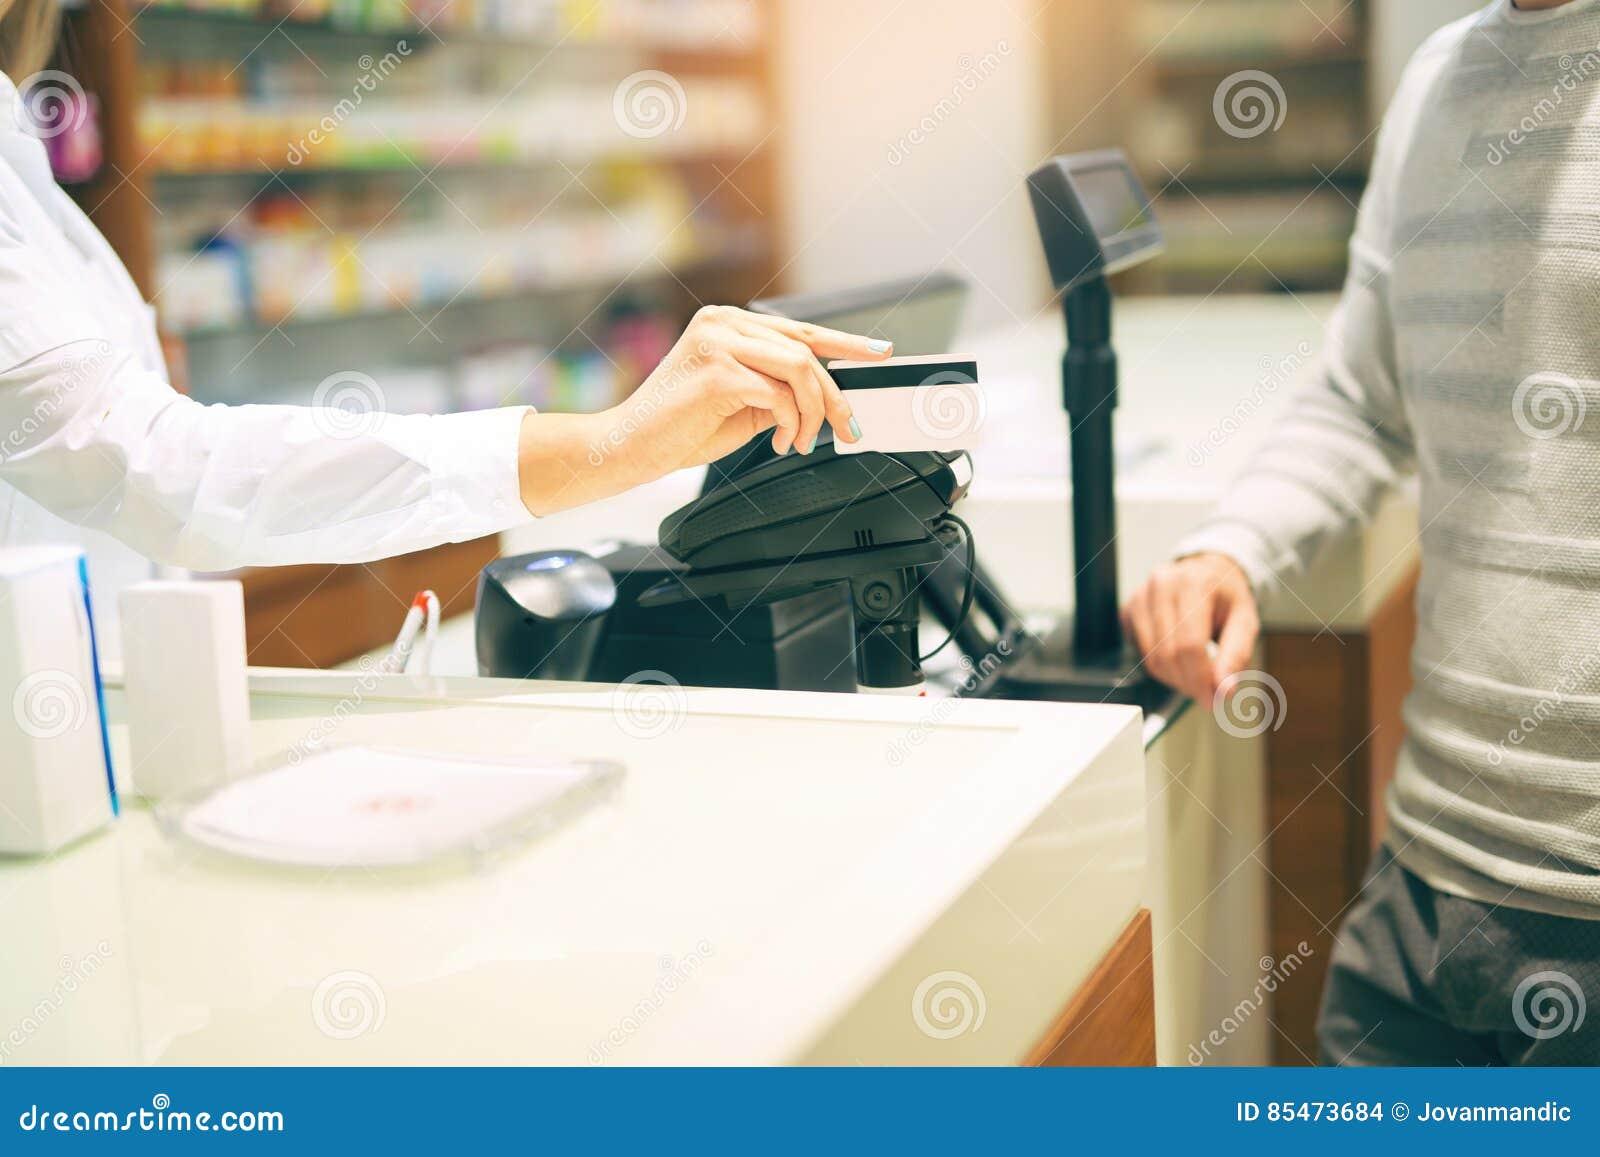 Kobieta nabywa medycyny przy apteką